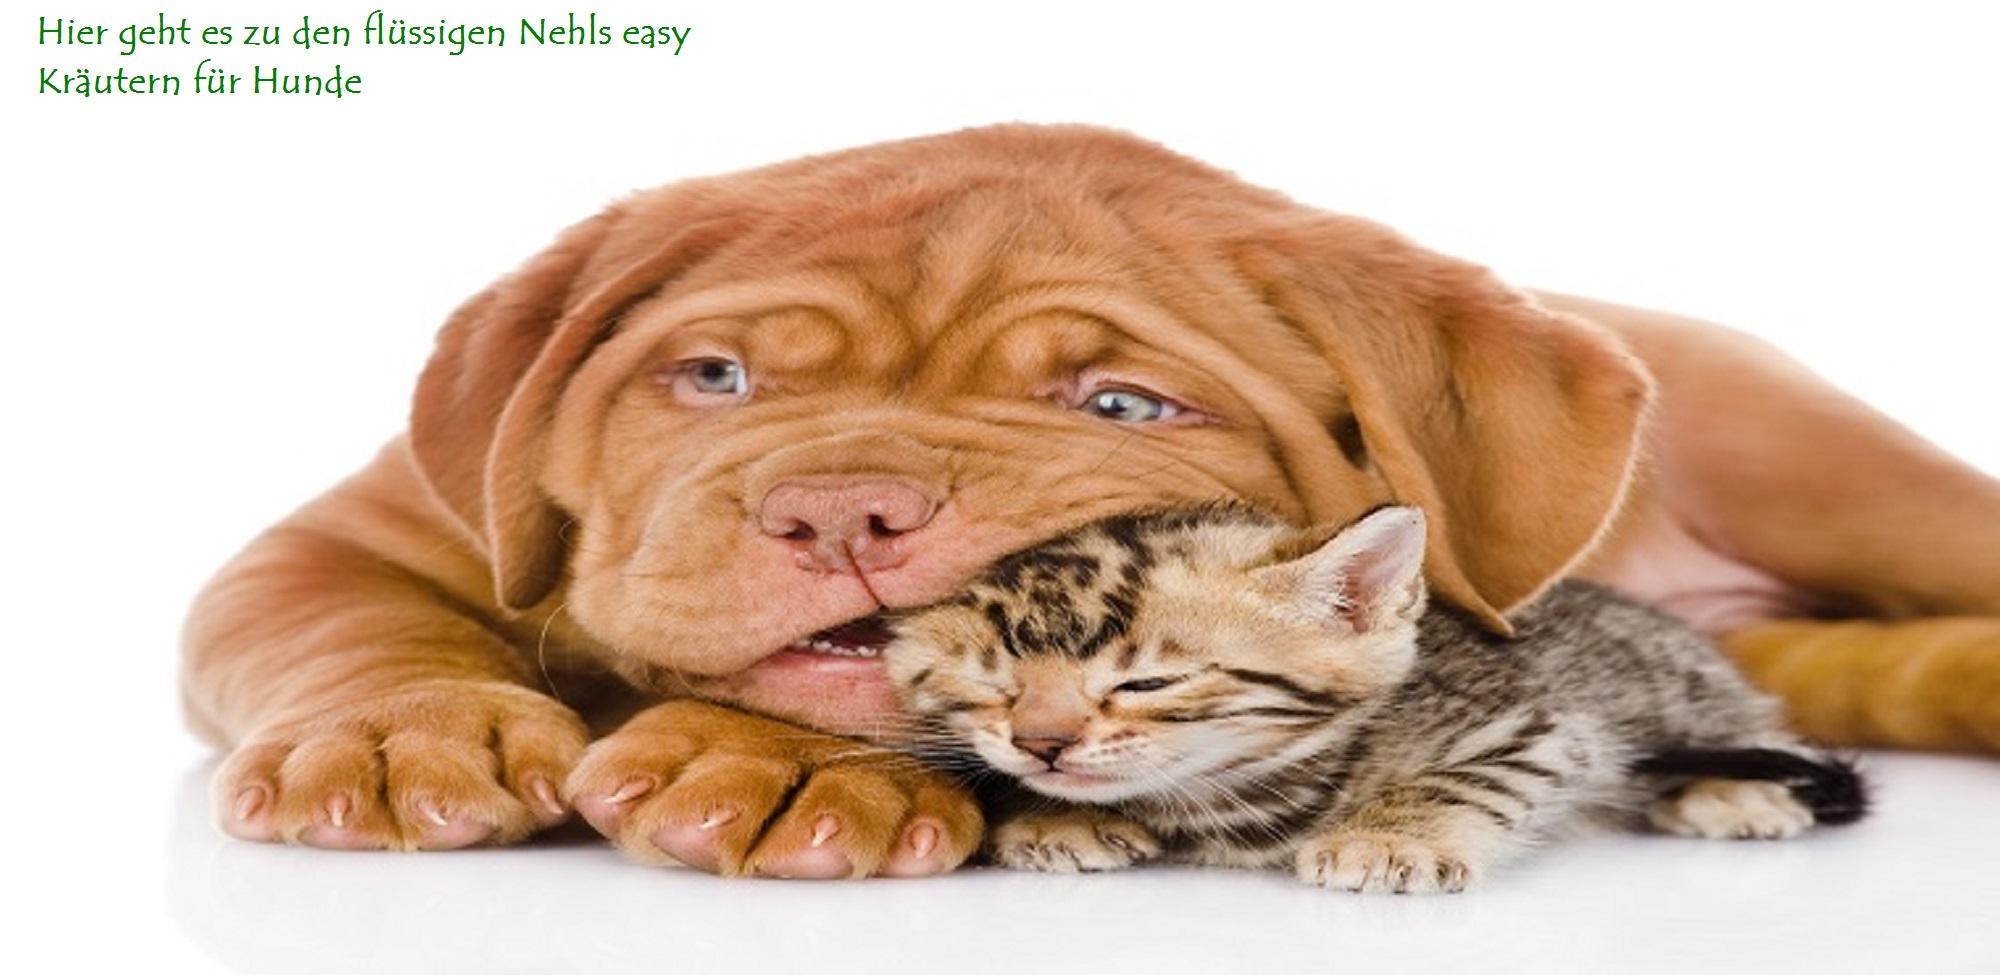 Allergien, Futtermittelallergien, Hot Spots, Ekzeme, Haarausfall, stumpfes und struppiges Fell und Juckreiz bei Hunden